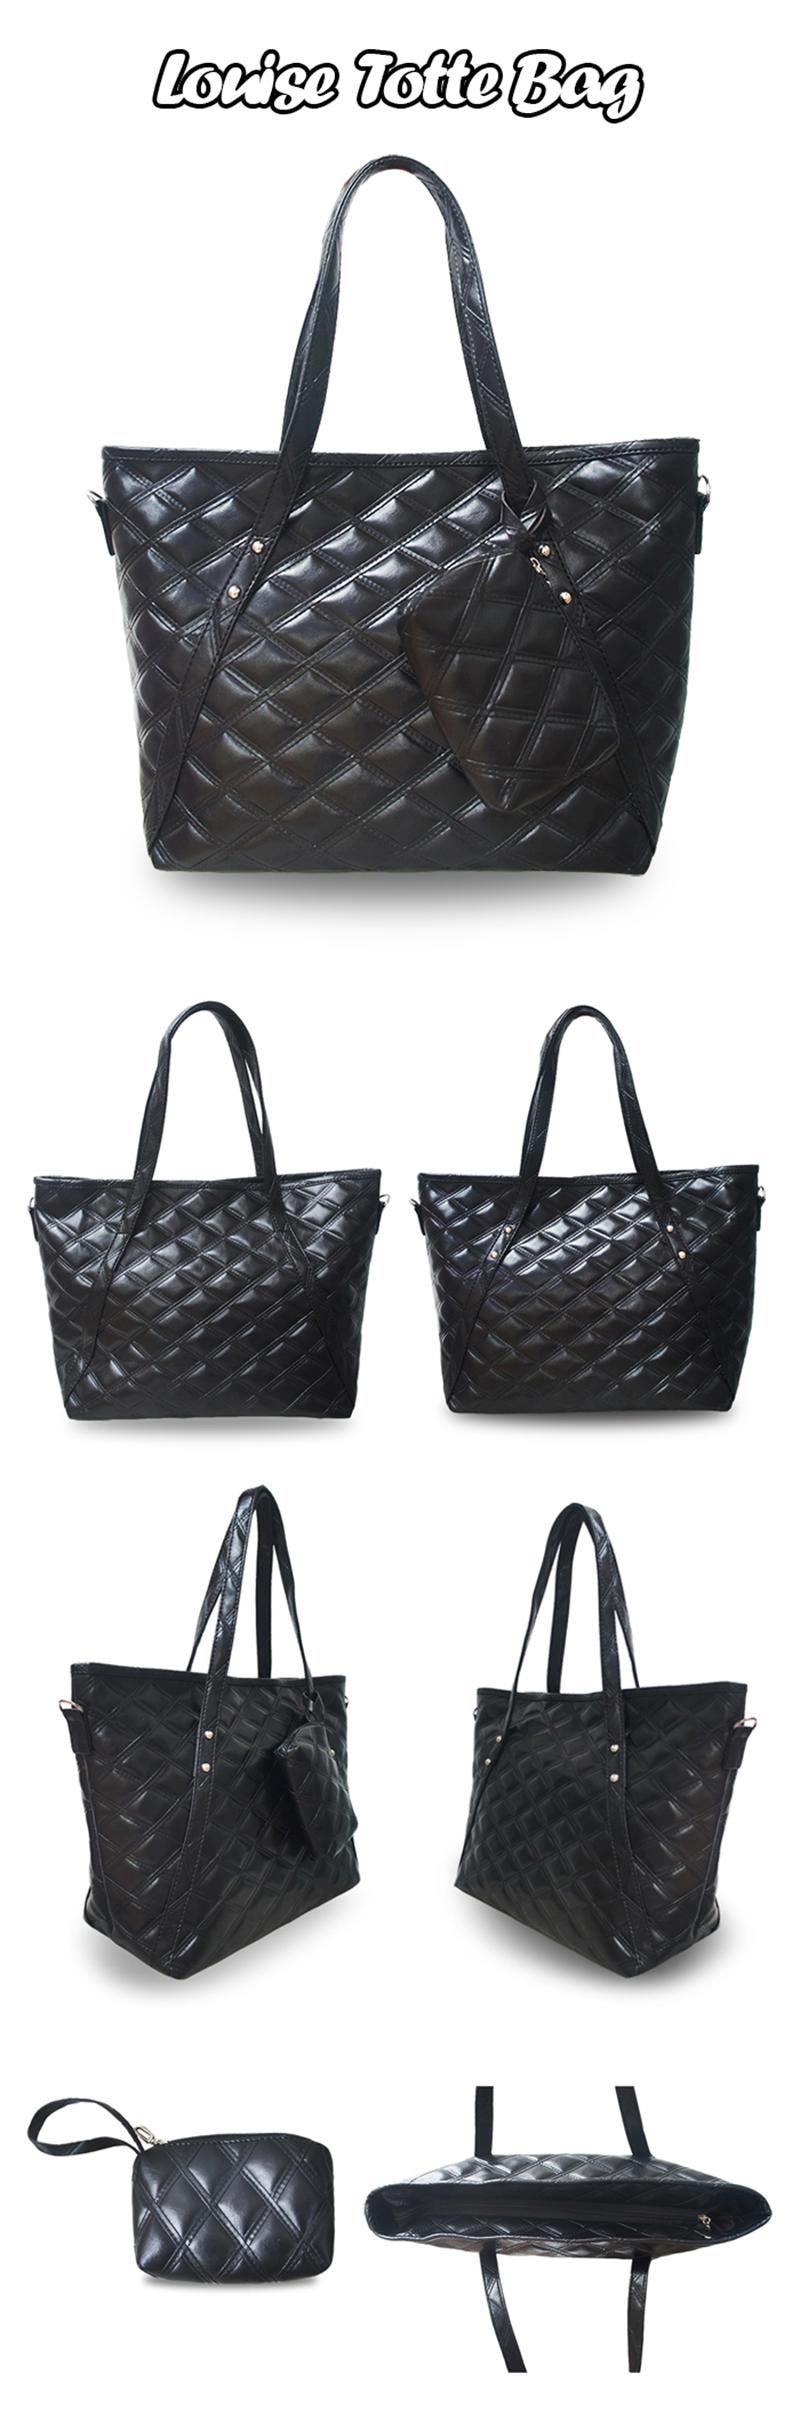 Quincylabel Tote Louise Bag Red Daftar Harga Terlengkap Indonesia Croco Himalayan Dark Blue Quincy Label